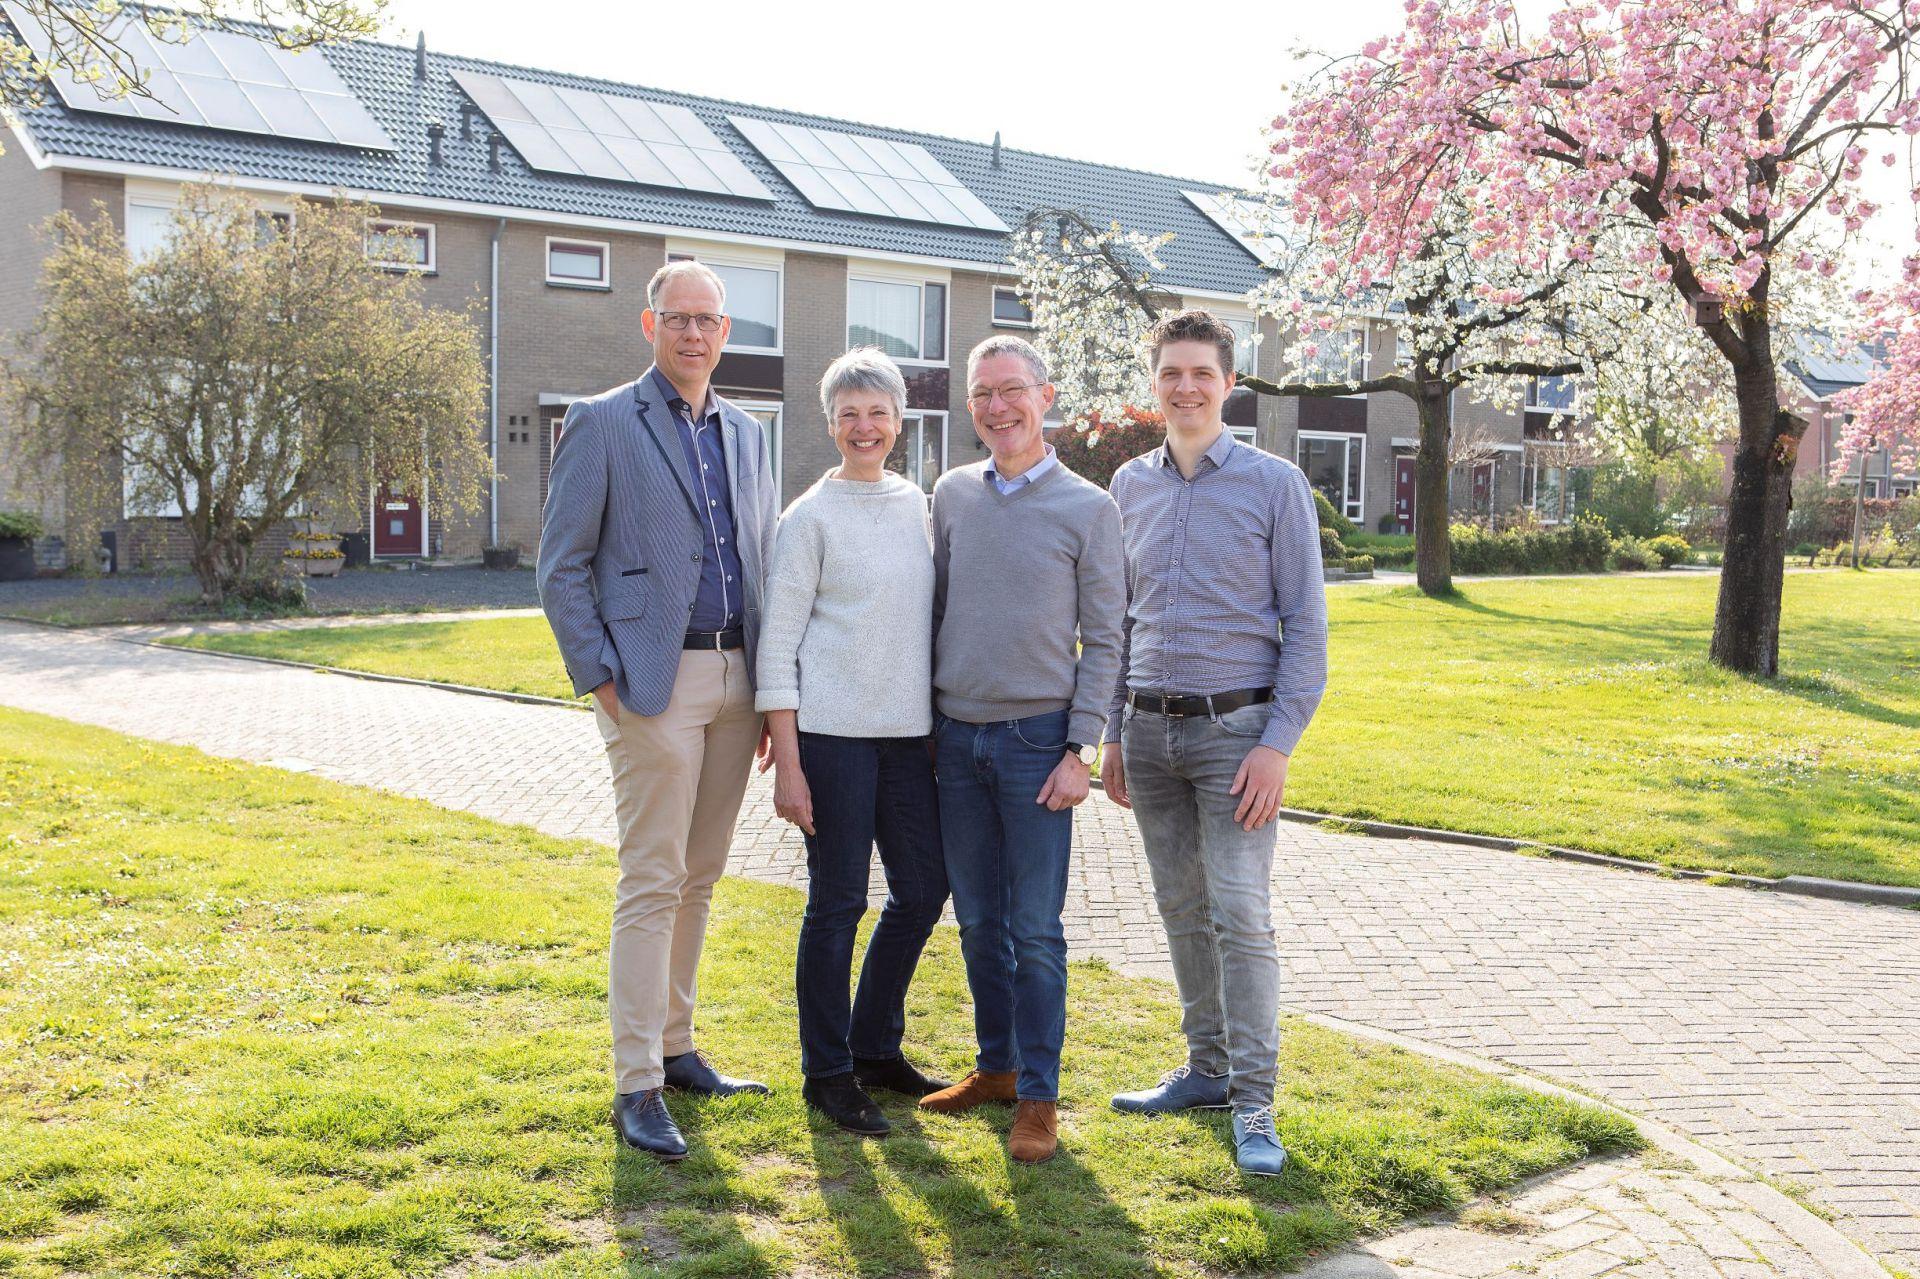 Wonen Delden gaat huizen aan 't Reef, De Horst en De Jan Lucaskamp renoveren